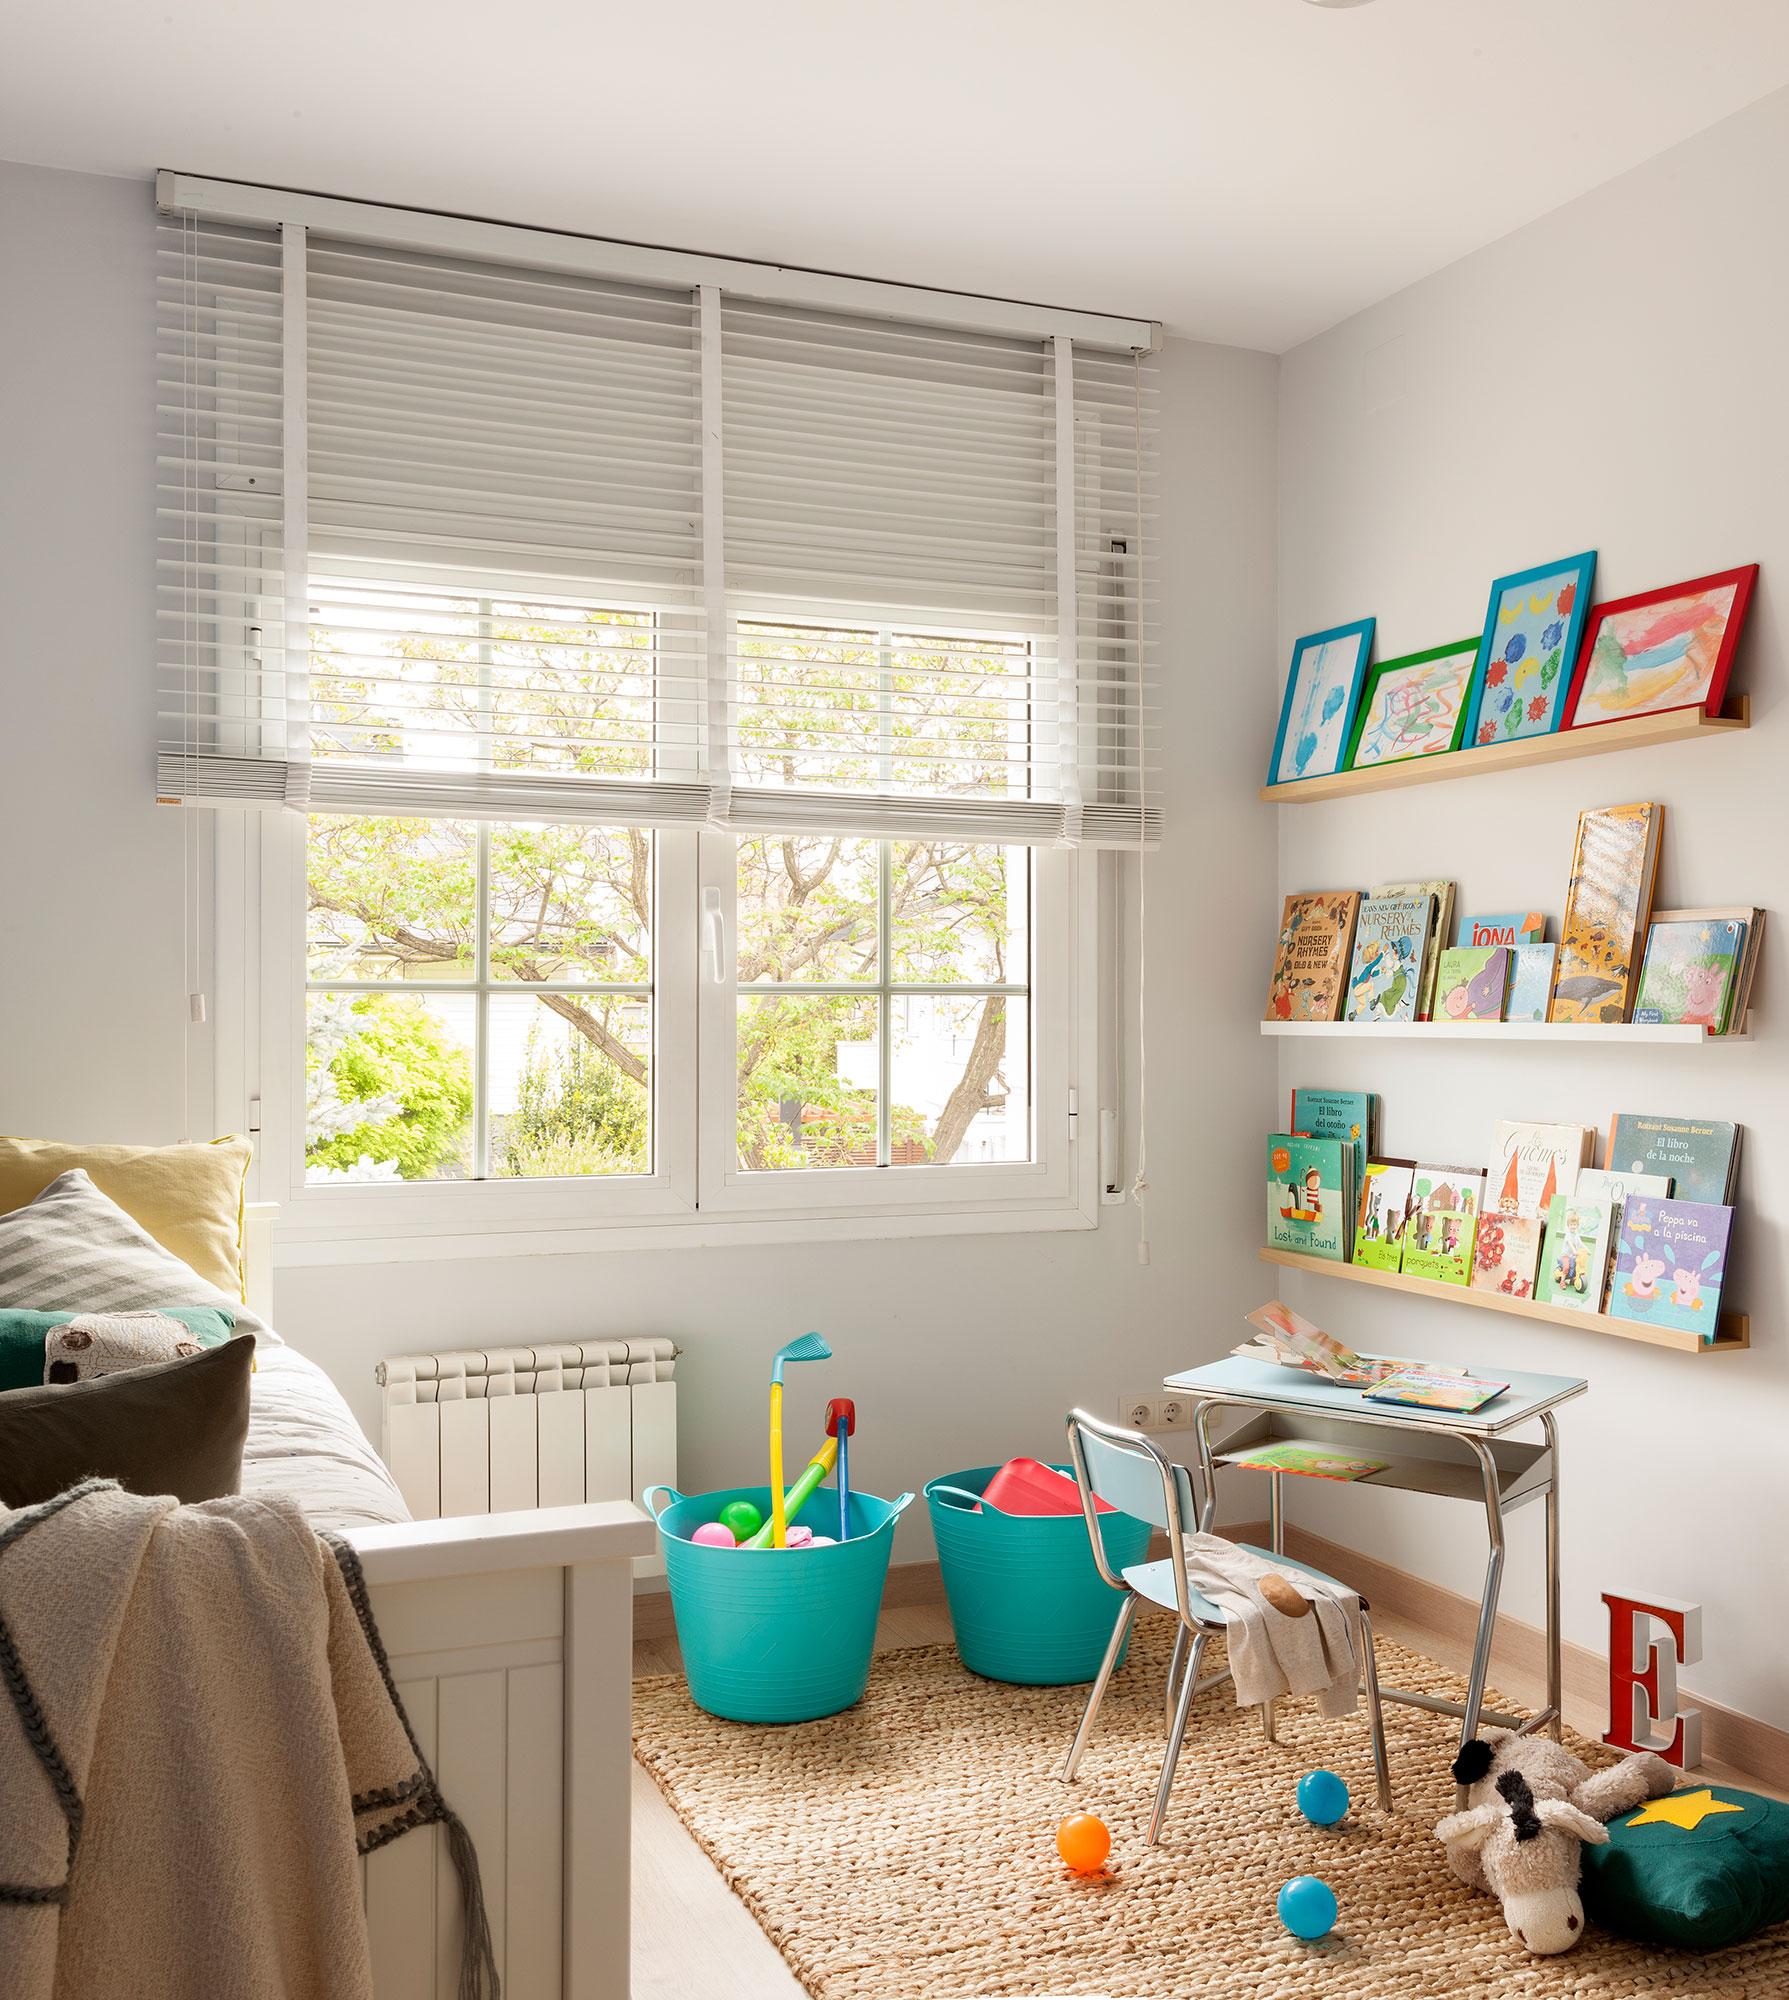 Soluciones para ordenar y guardar los juguetes - Estanterias para habitaciones infantiles ...